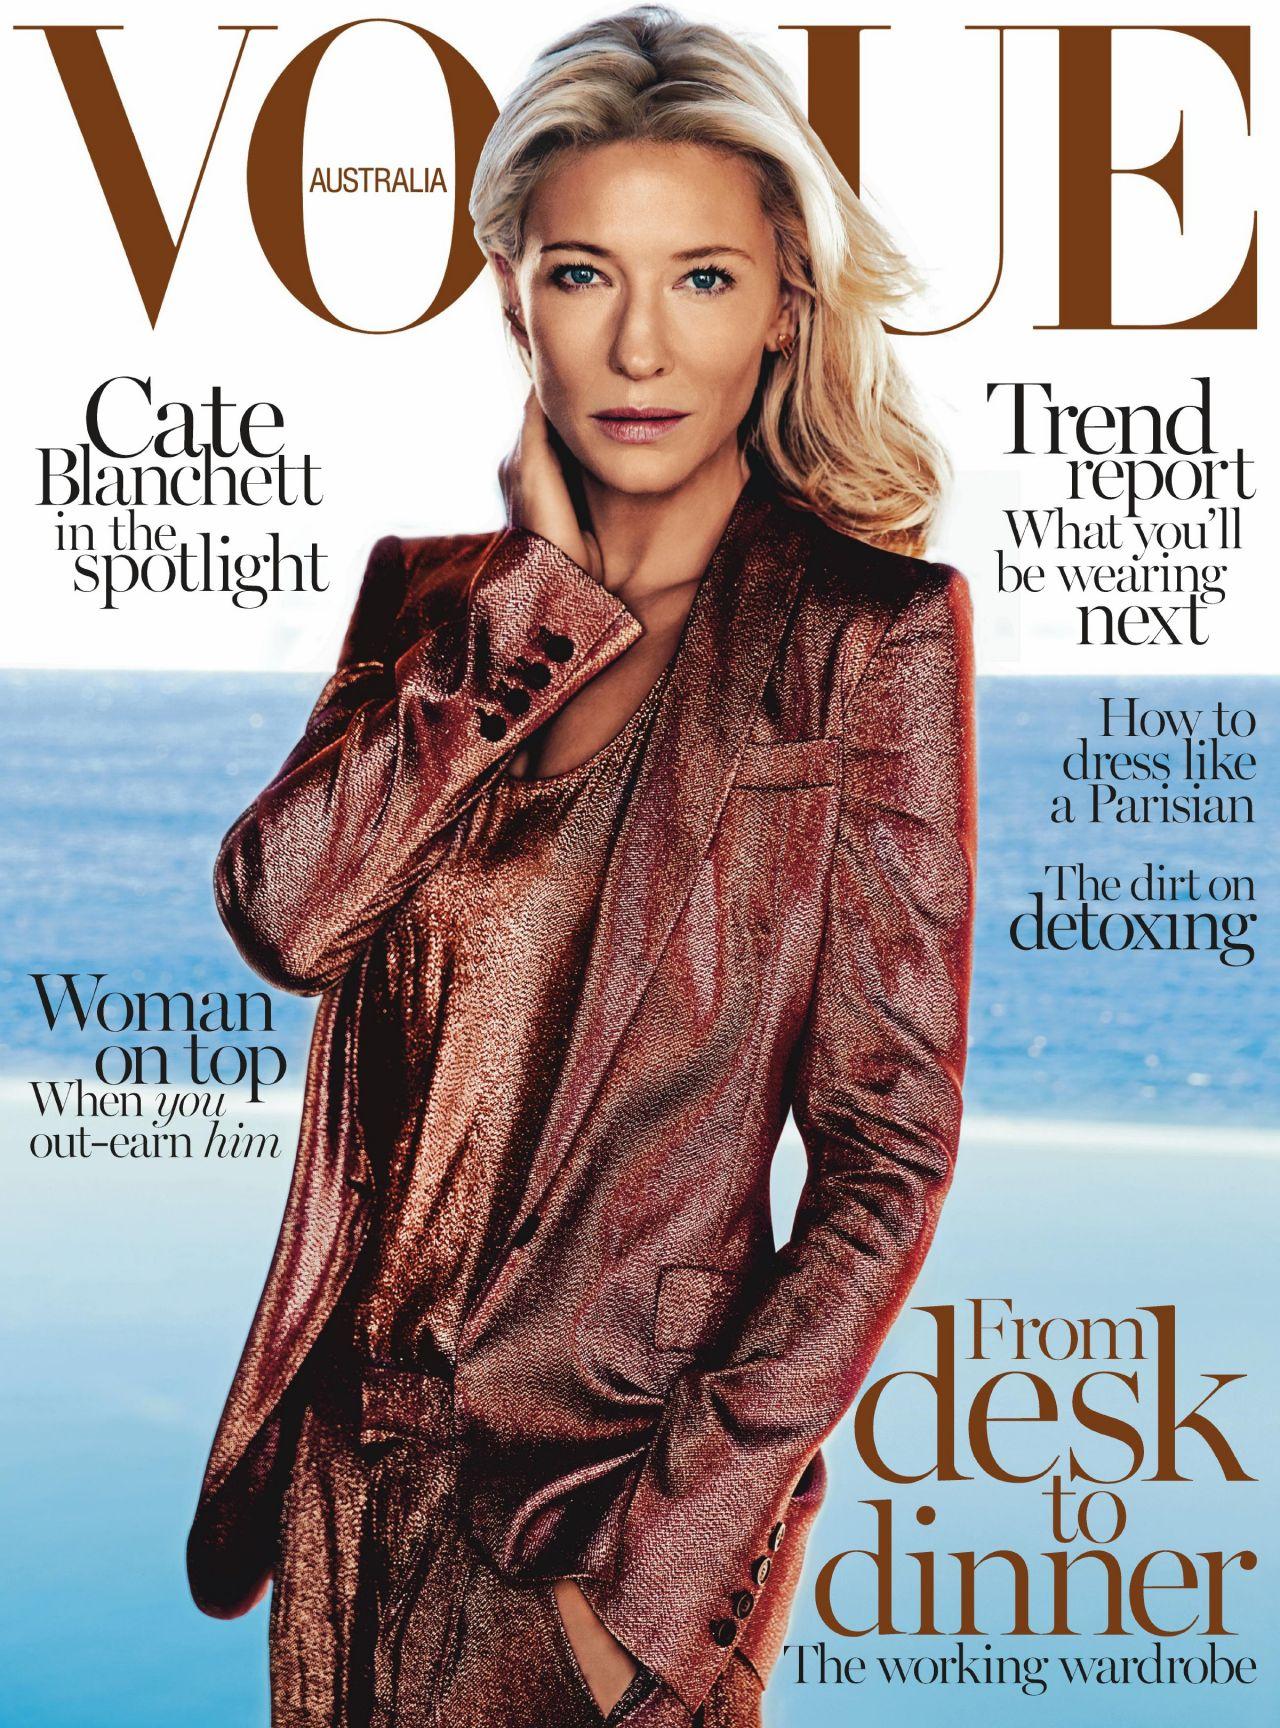 Cate Blanchett - VOGUE Magazine (Australia) - February 2014 Cover